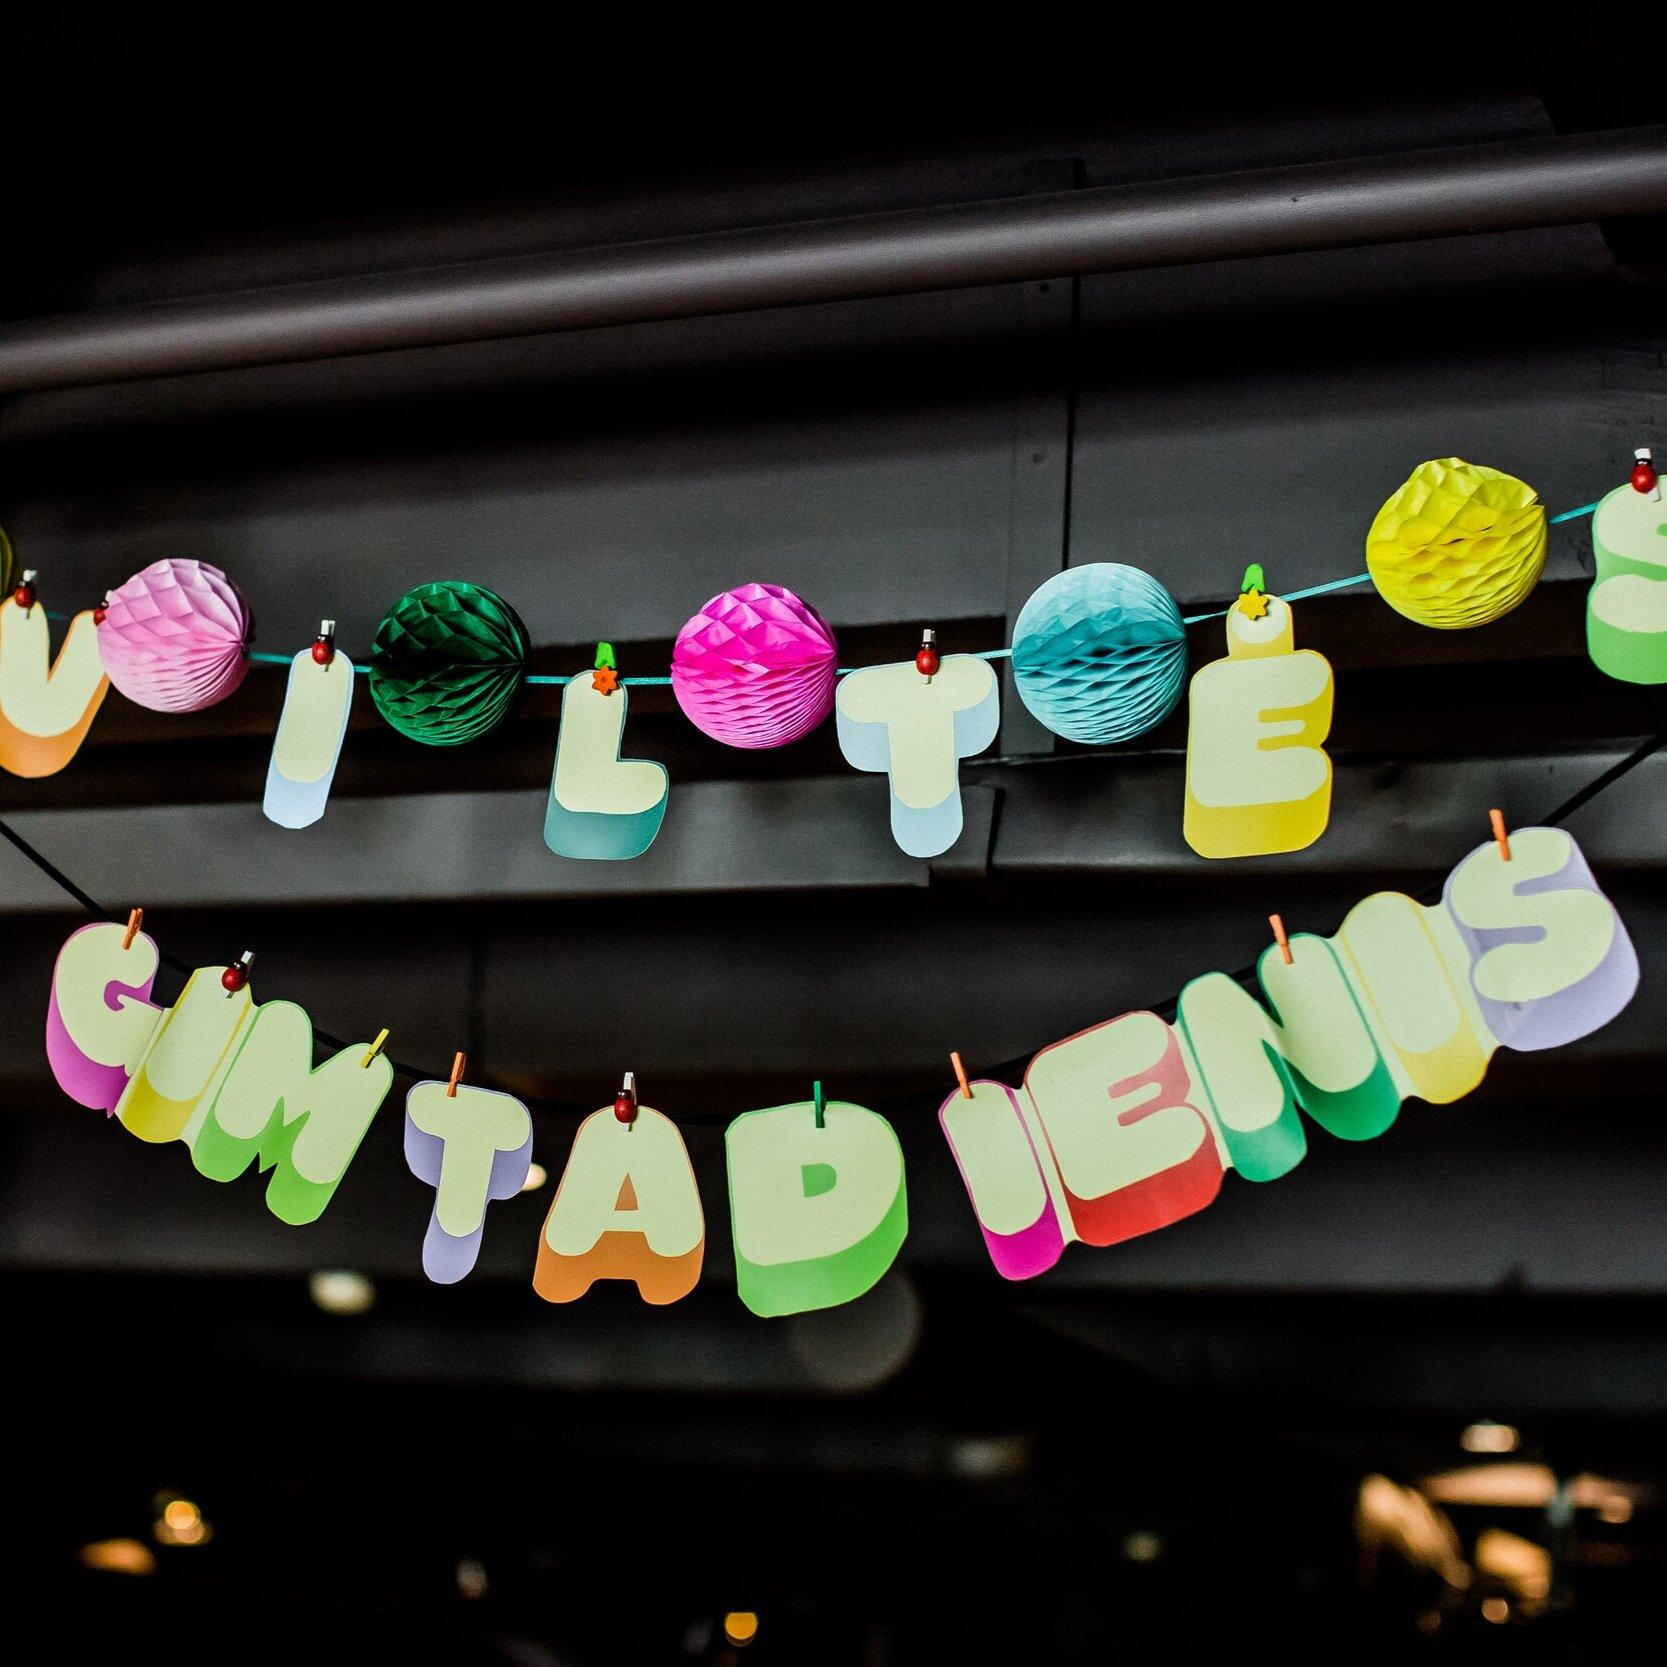 Šventinio Stalo ir Erdvės Puošyba - Padekoruosime Šventės vietą Balionais, Girliandomis, Vėliavėlėmis bei tortą Žvakutėmis